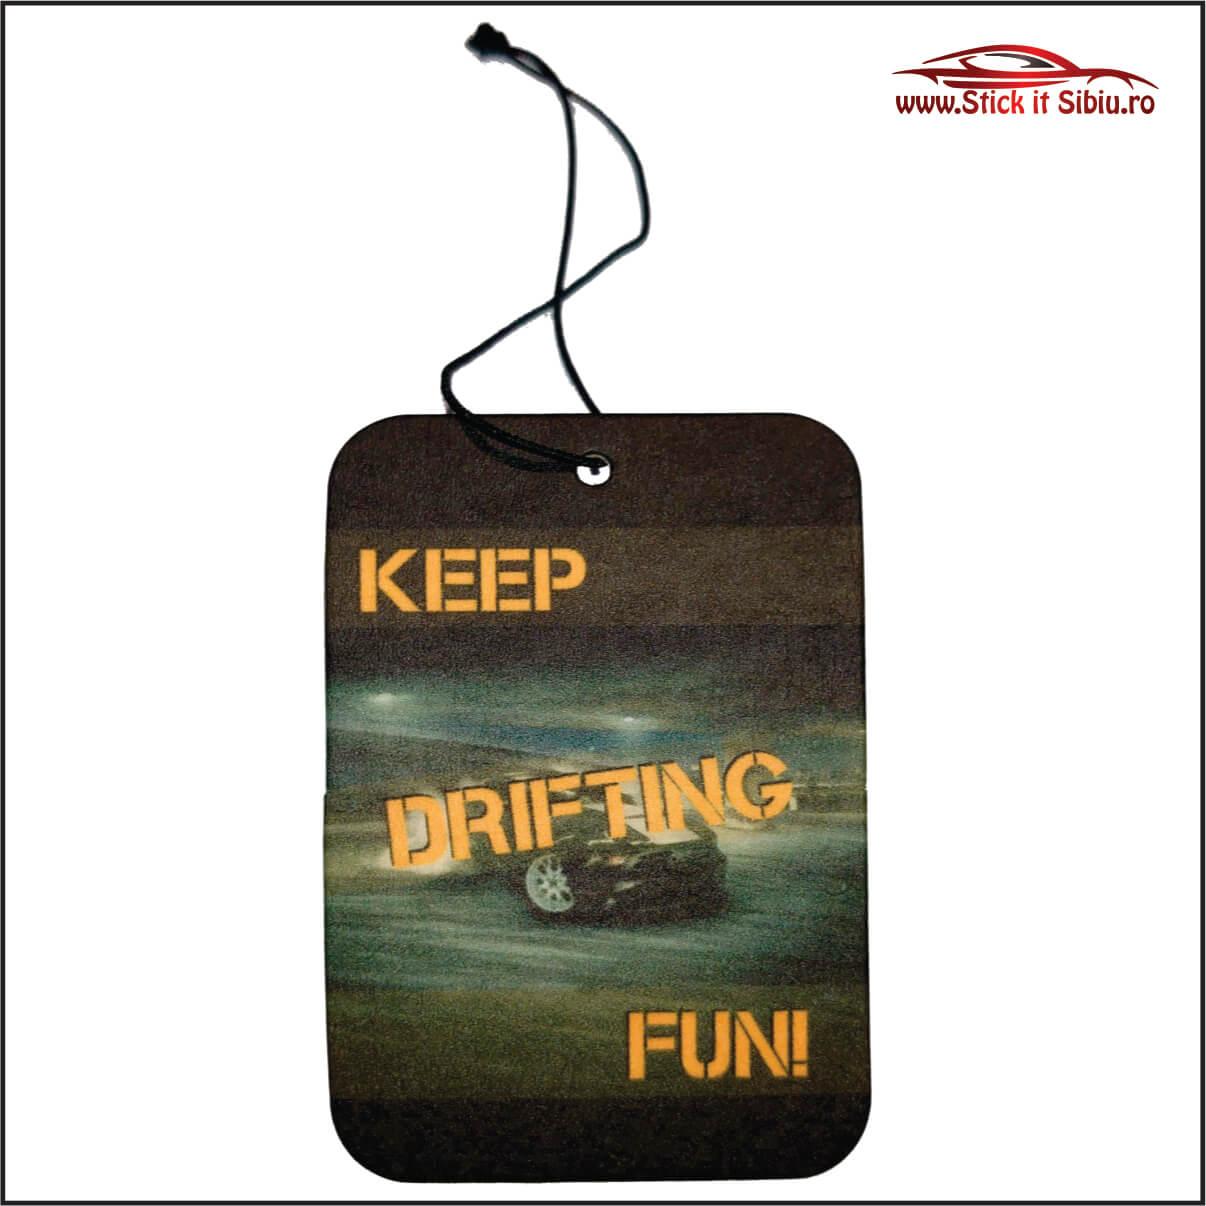 Keep drifting fun - Stickere Auto - Camuflaje - Odorizante - Brelocuri auto! Nou! In Romania!